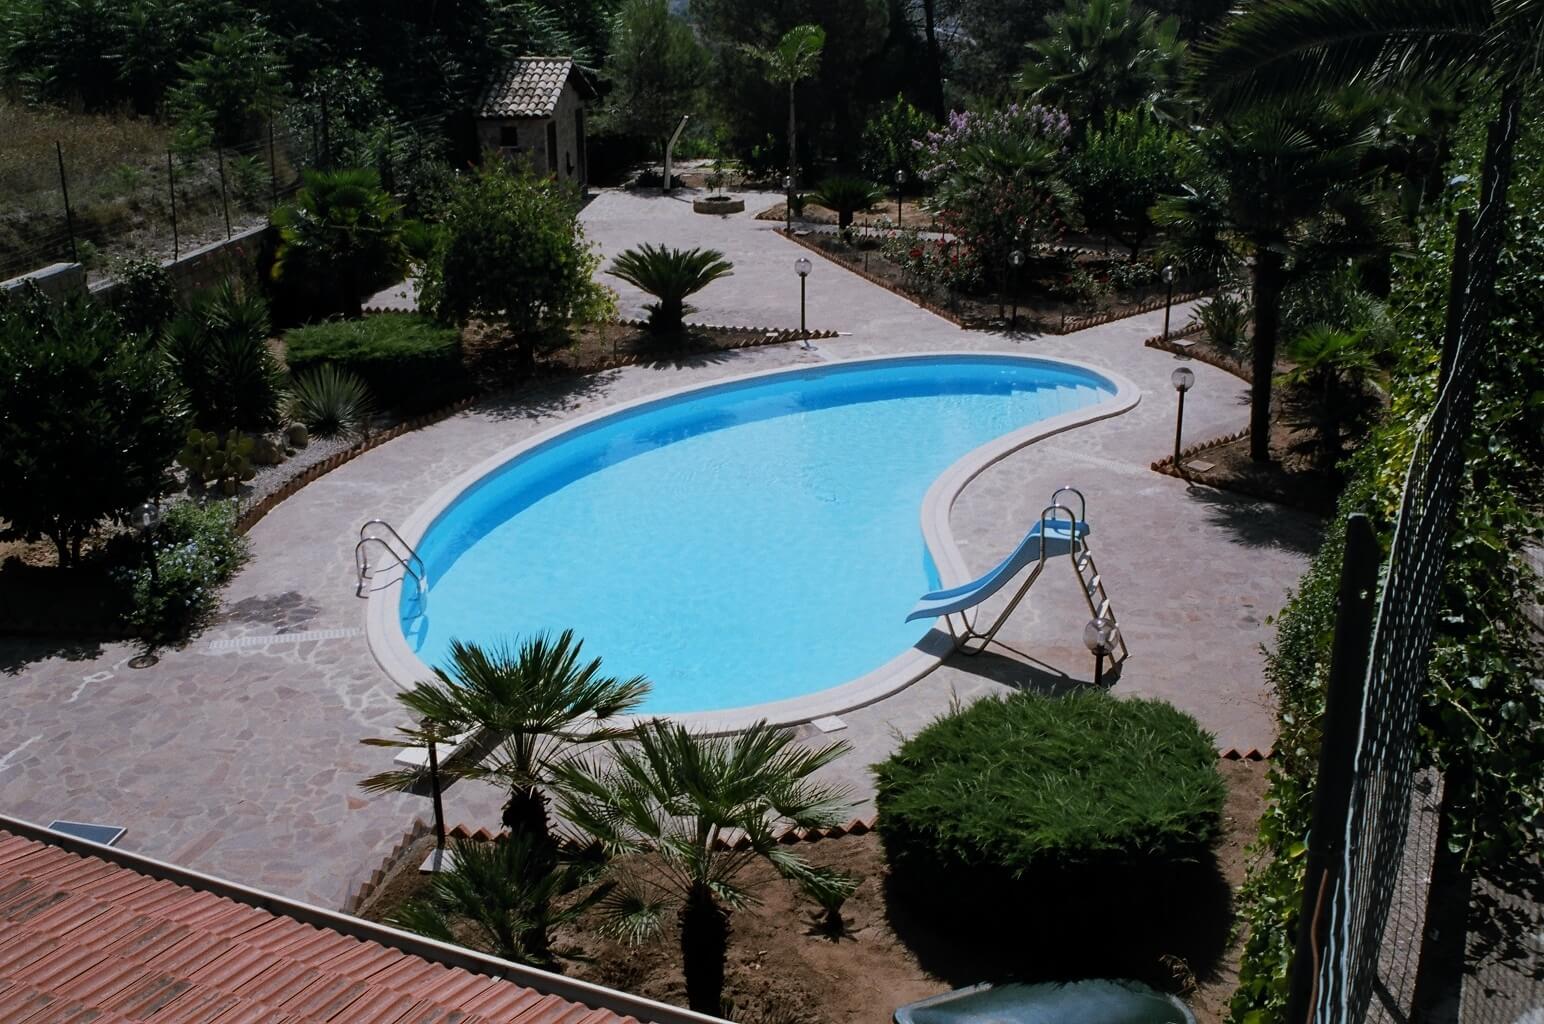 Sogni una piscina privata con noi il sogno diventa realt - Piscina a fagiolo ...